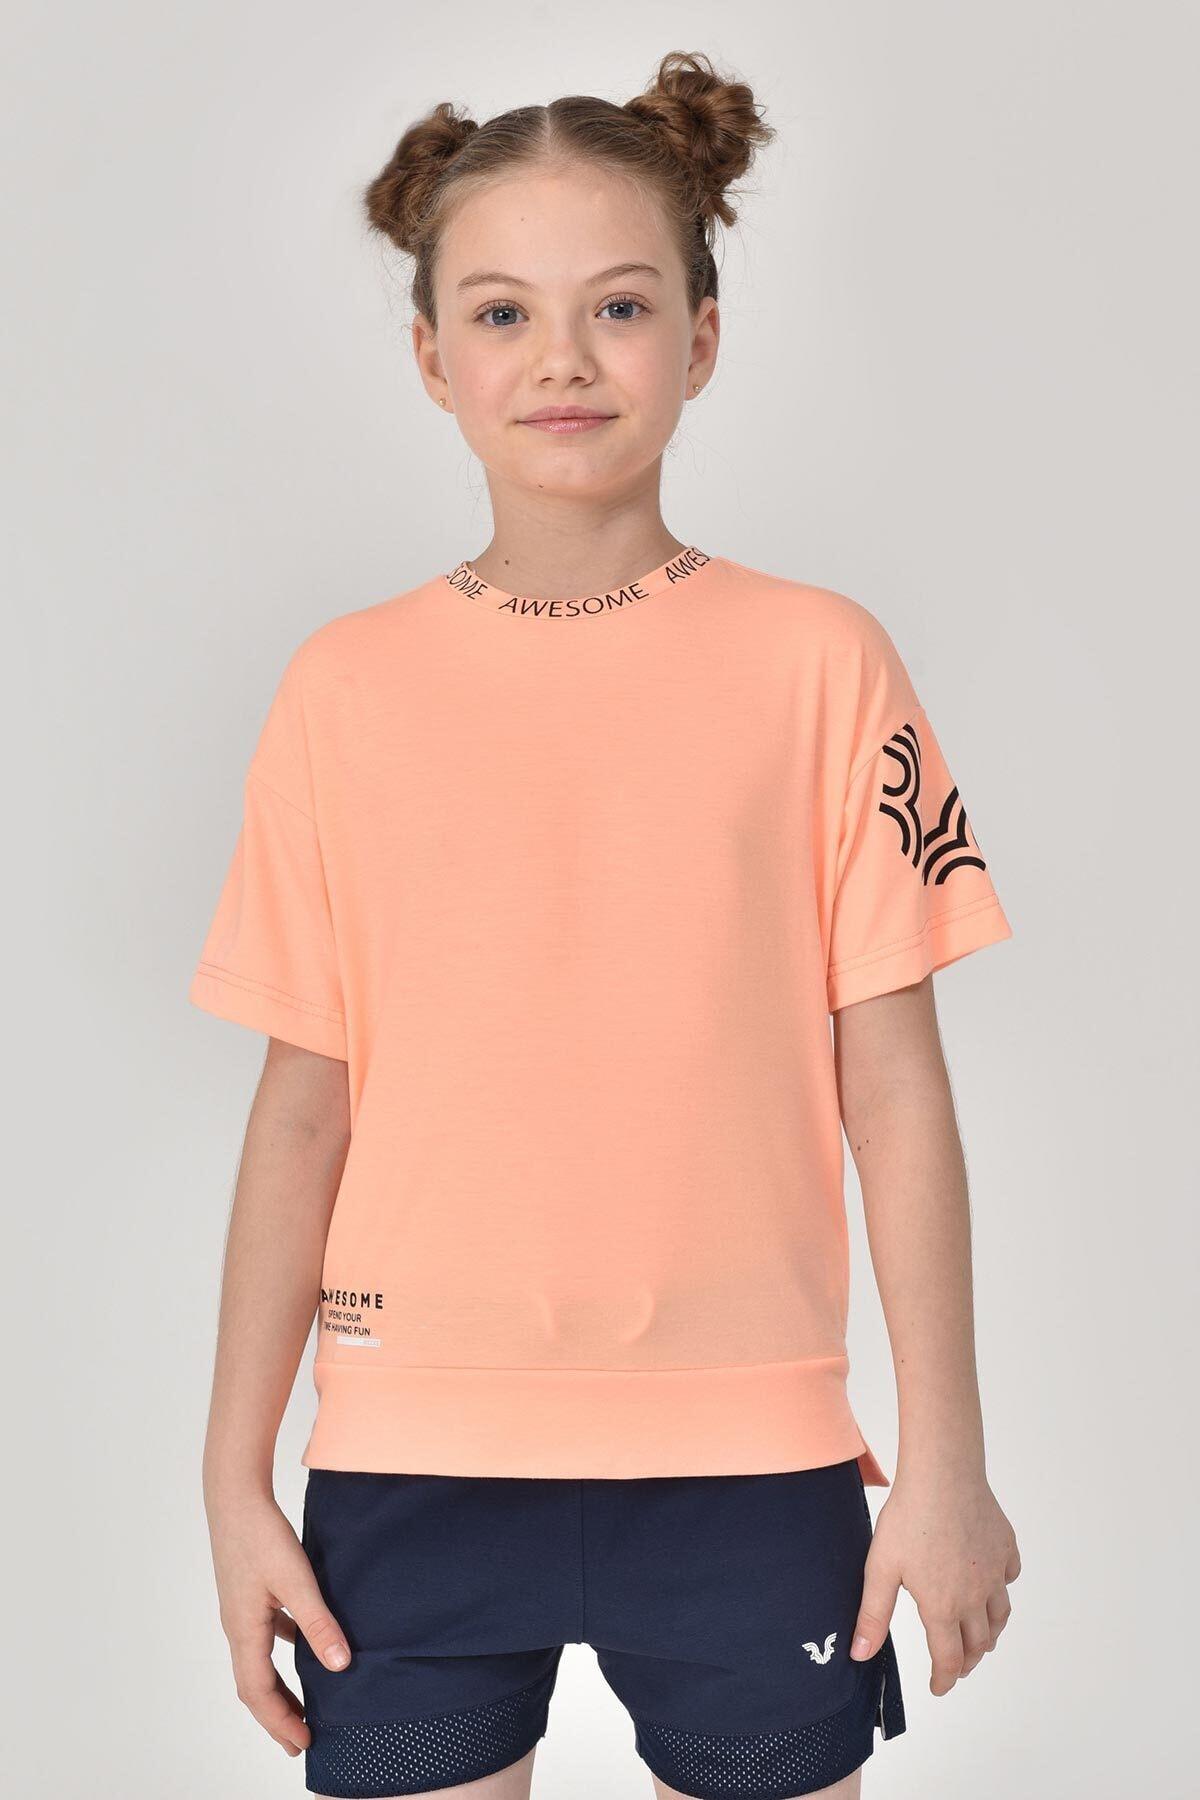 bilcee A.Turuncu Unisex Çocuk T-Shirt GS-8179 1